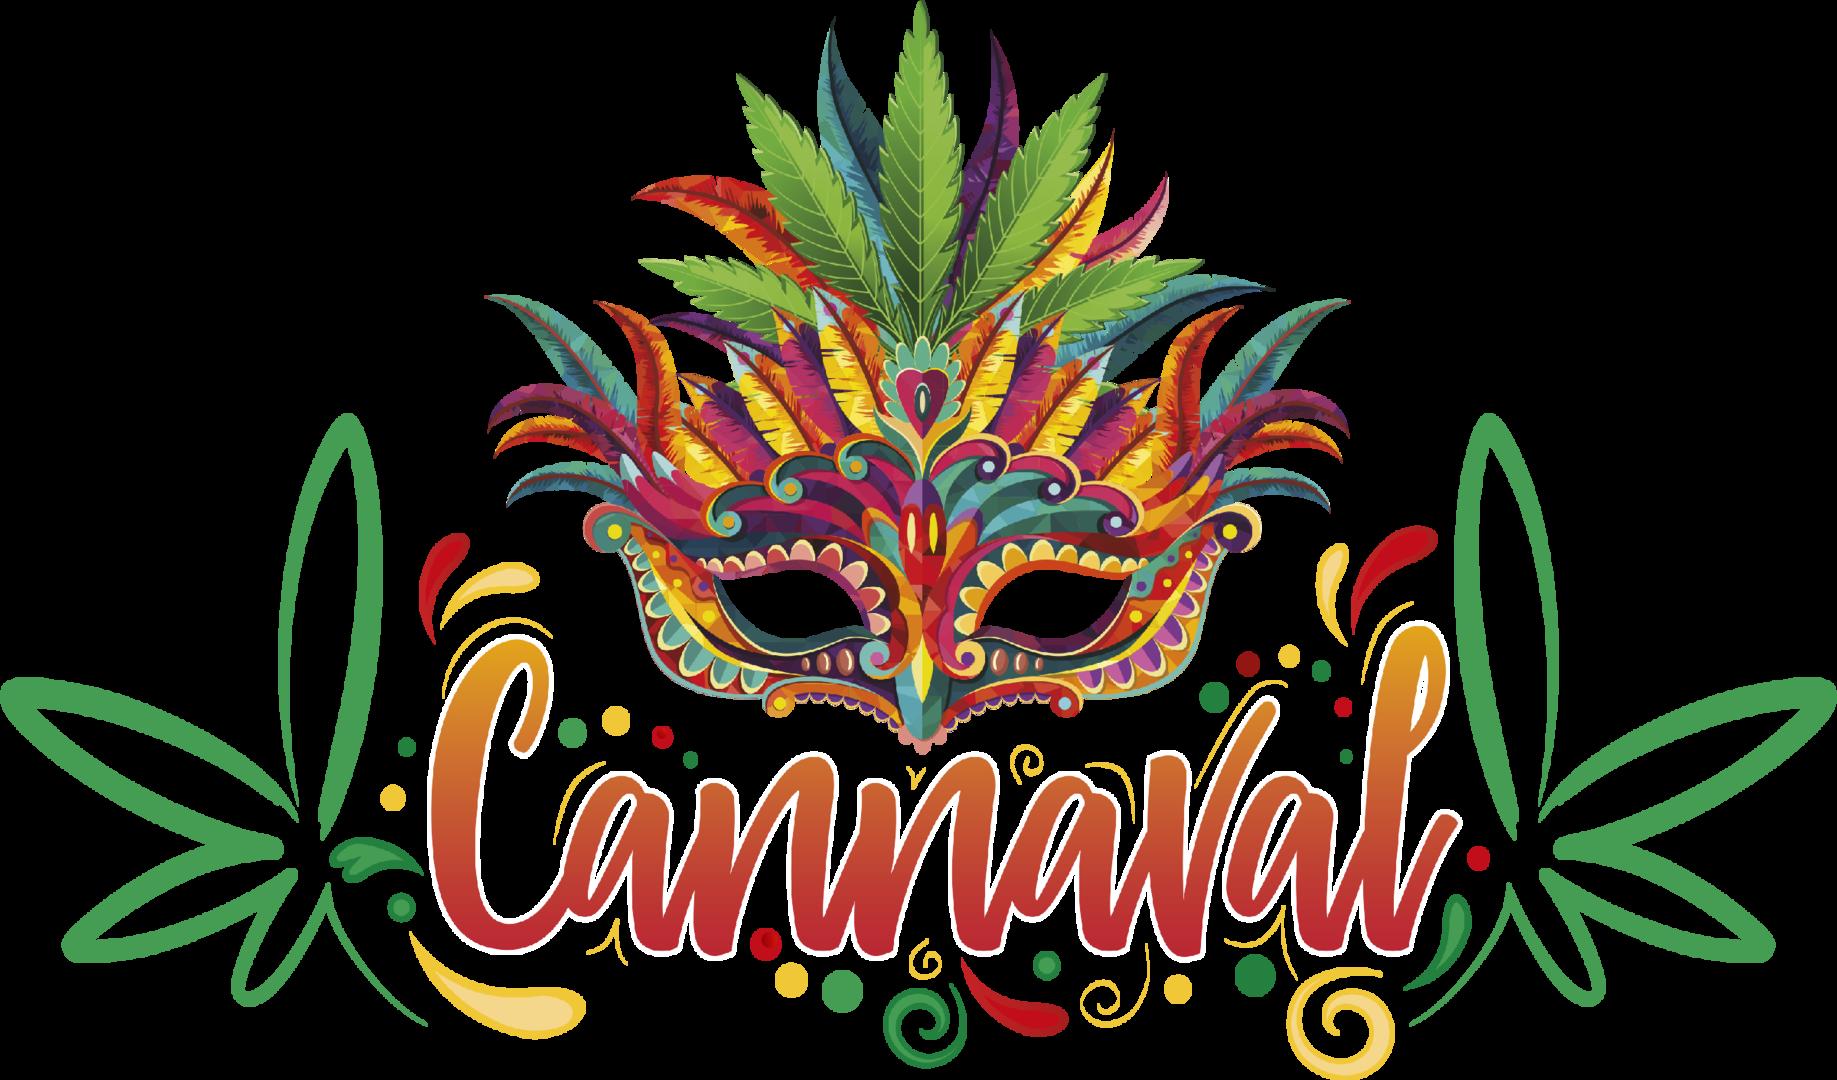 Cannaval